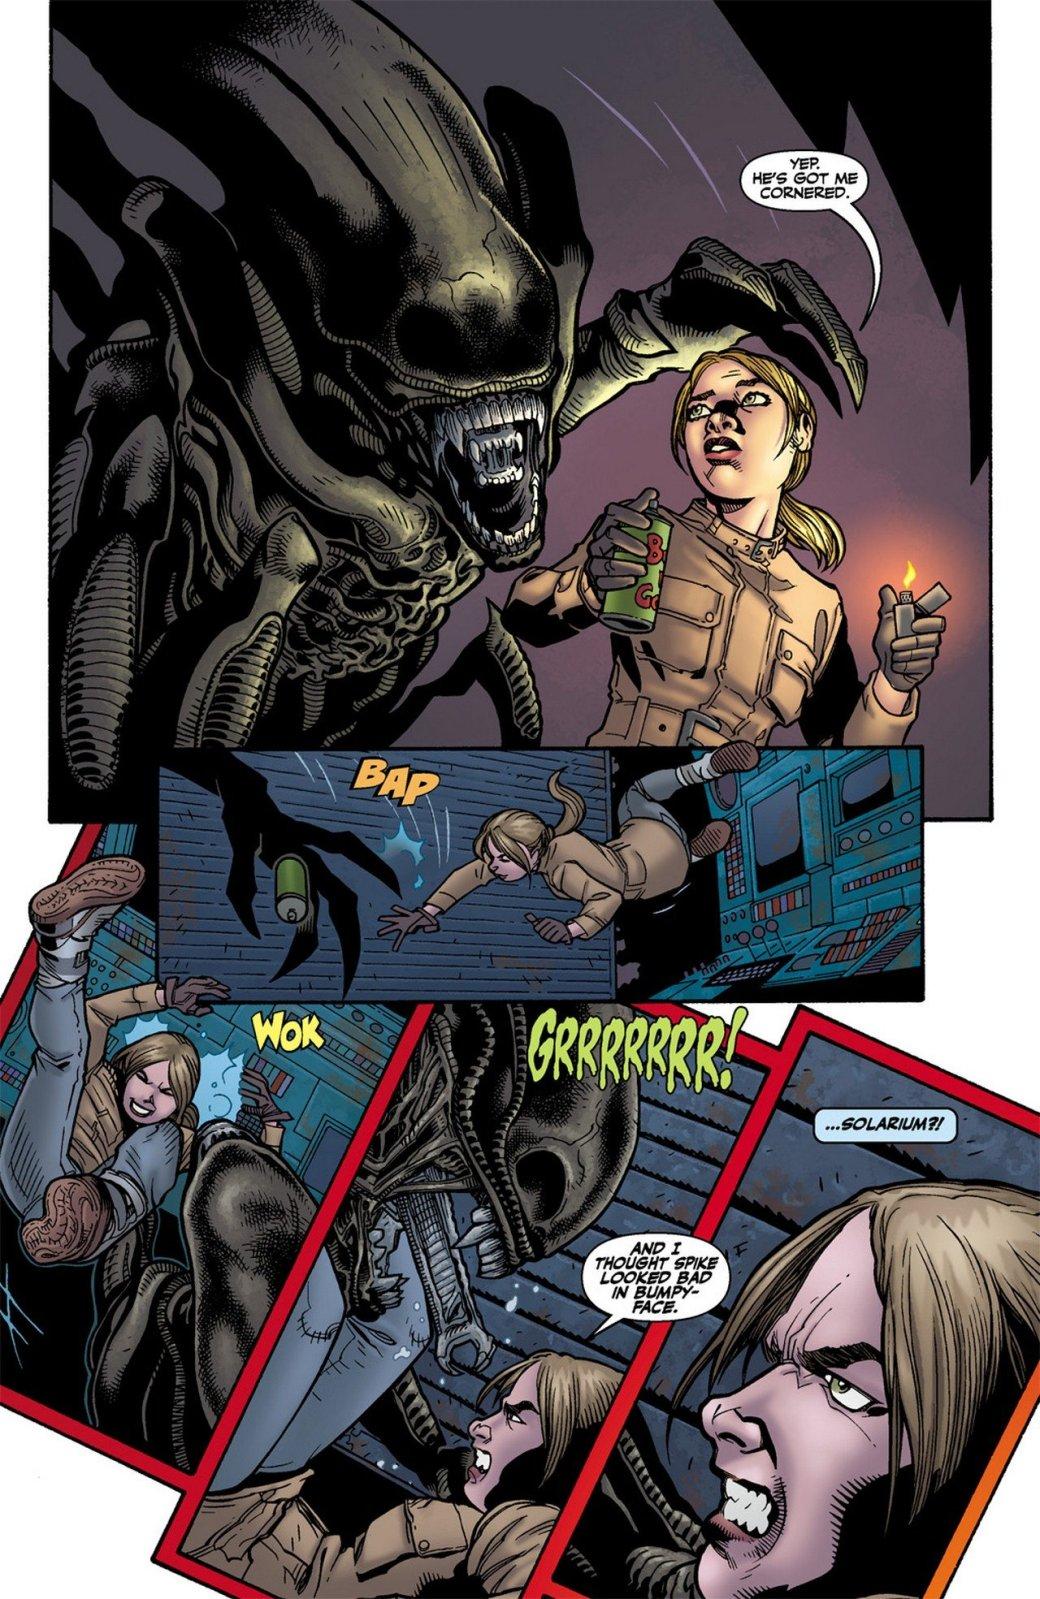 Бэтмен против Чужого?! Безумные комикс-кроссоверы сксеноморфами. - Изображение 33